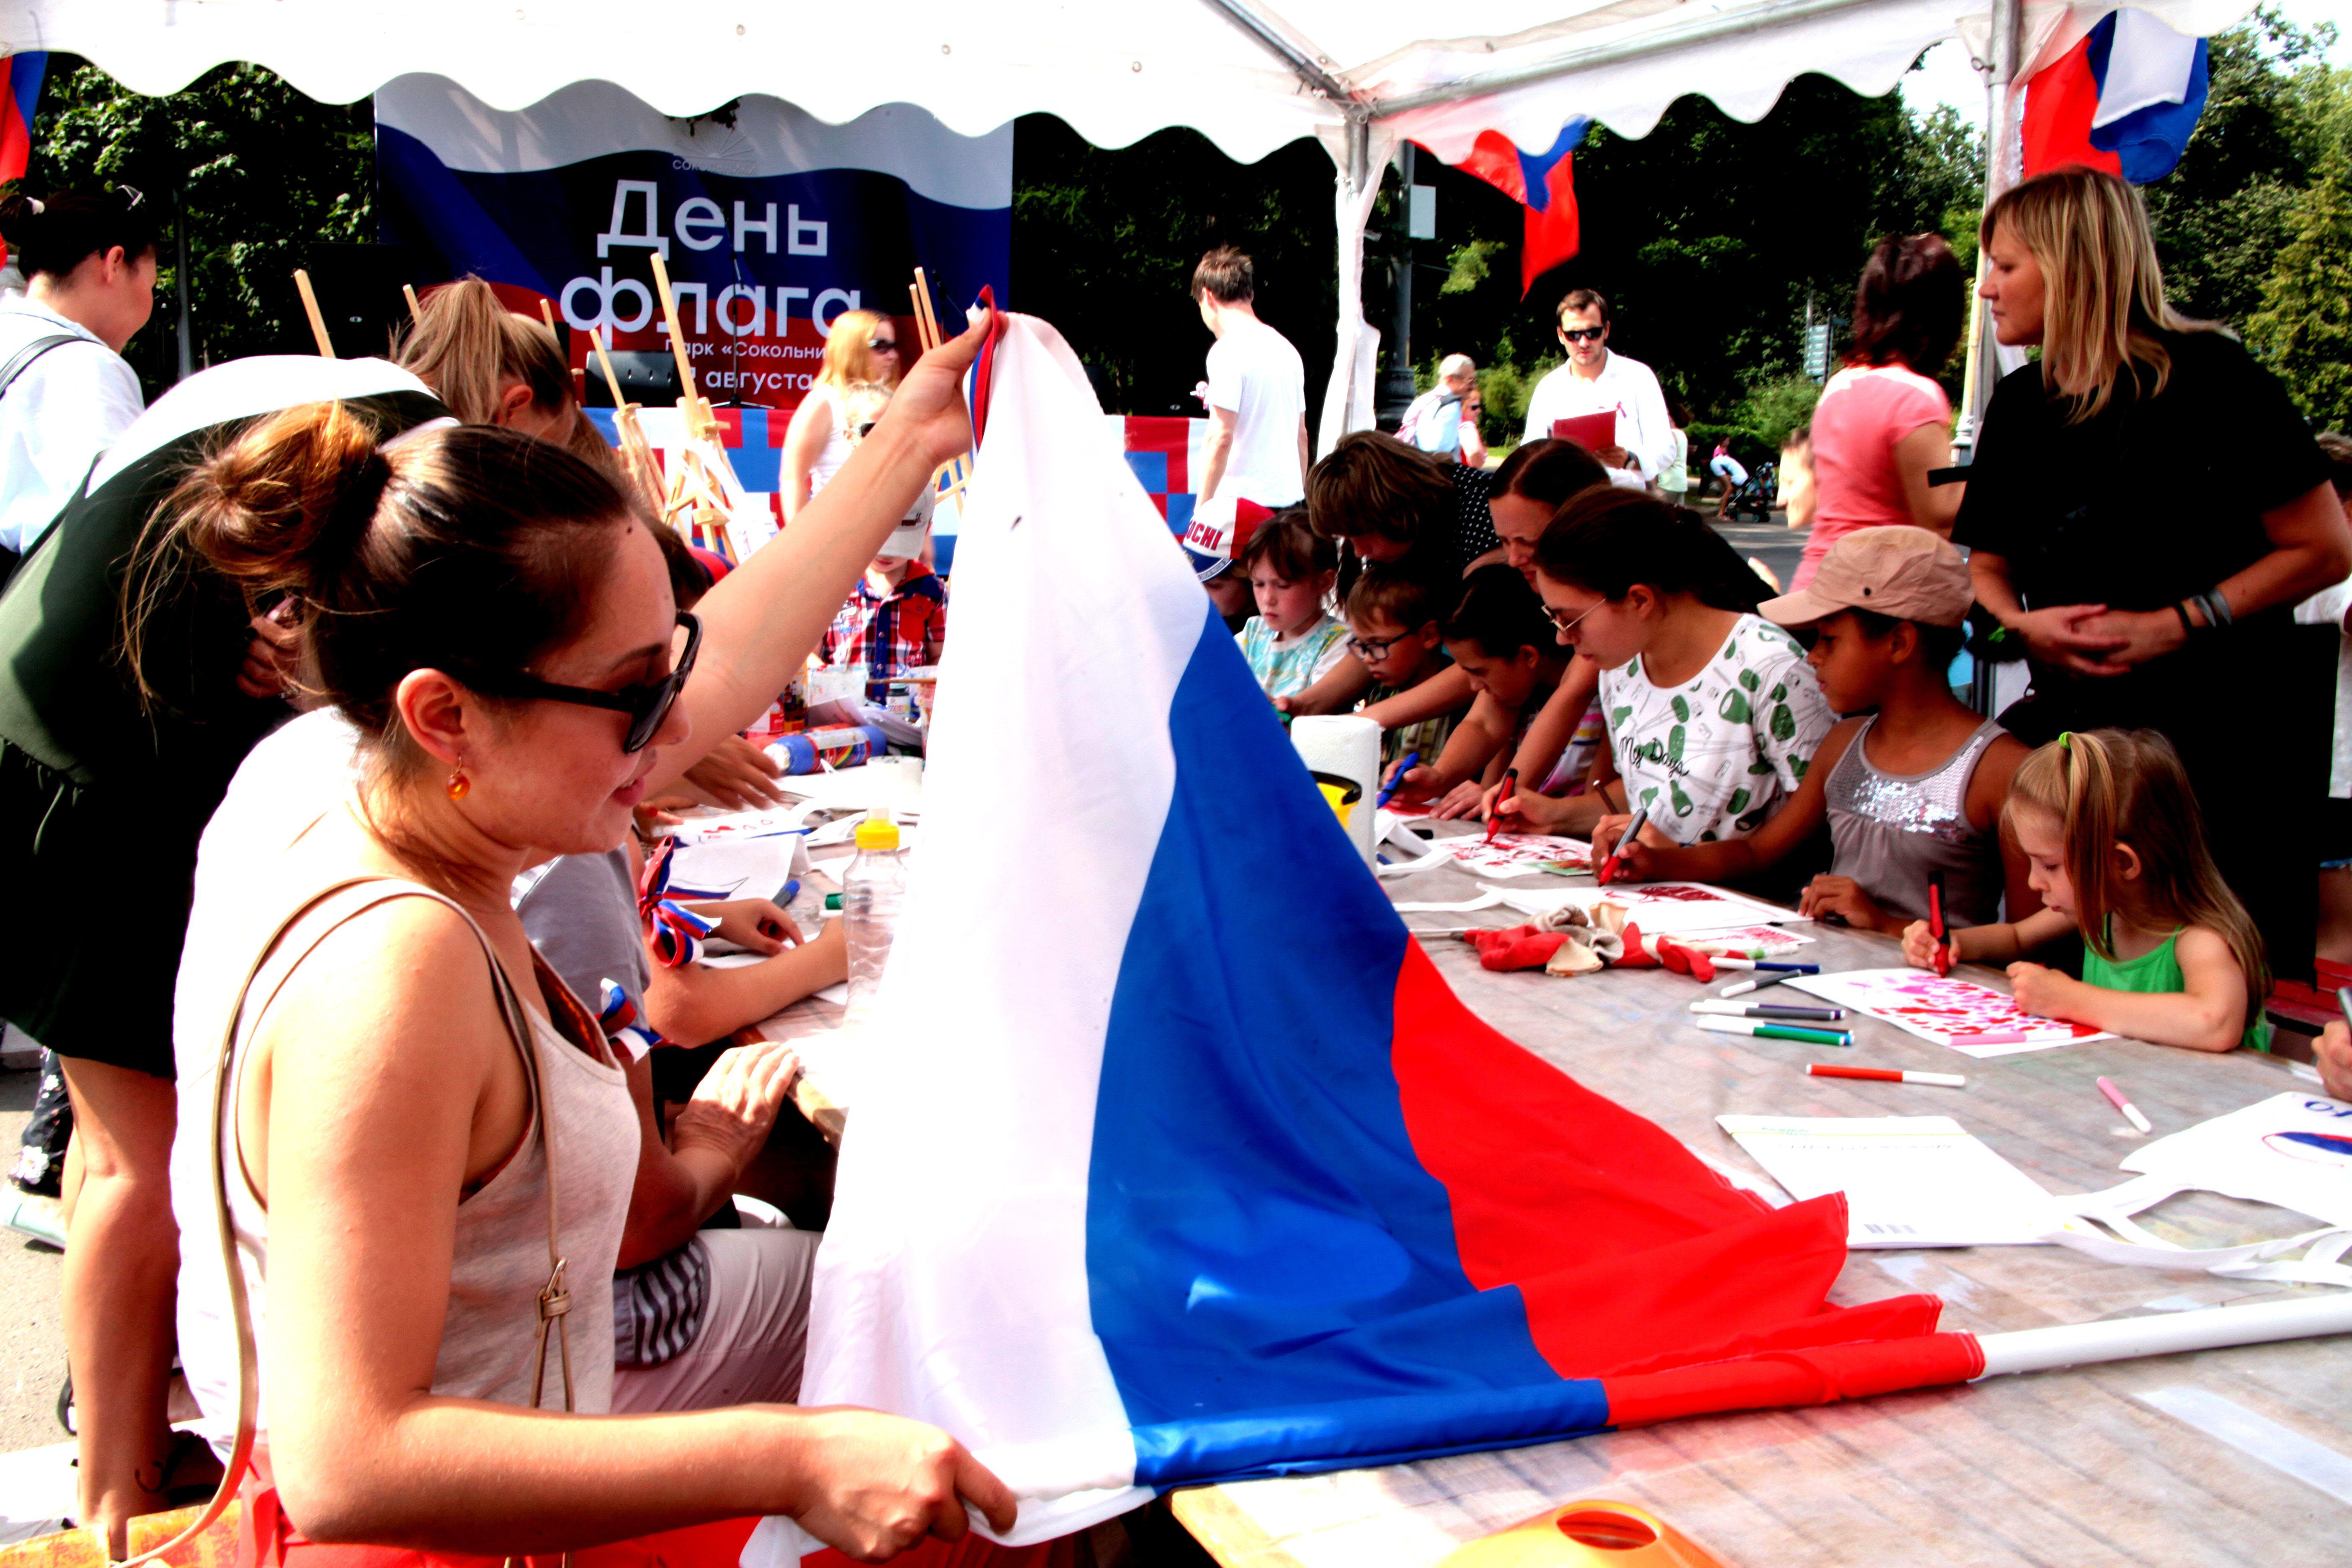 Гулянья по случаю Дня флага проходят на 33 городских площадках